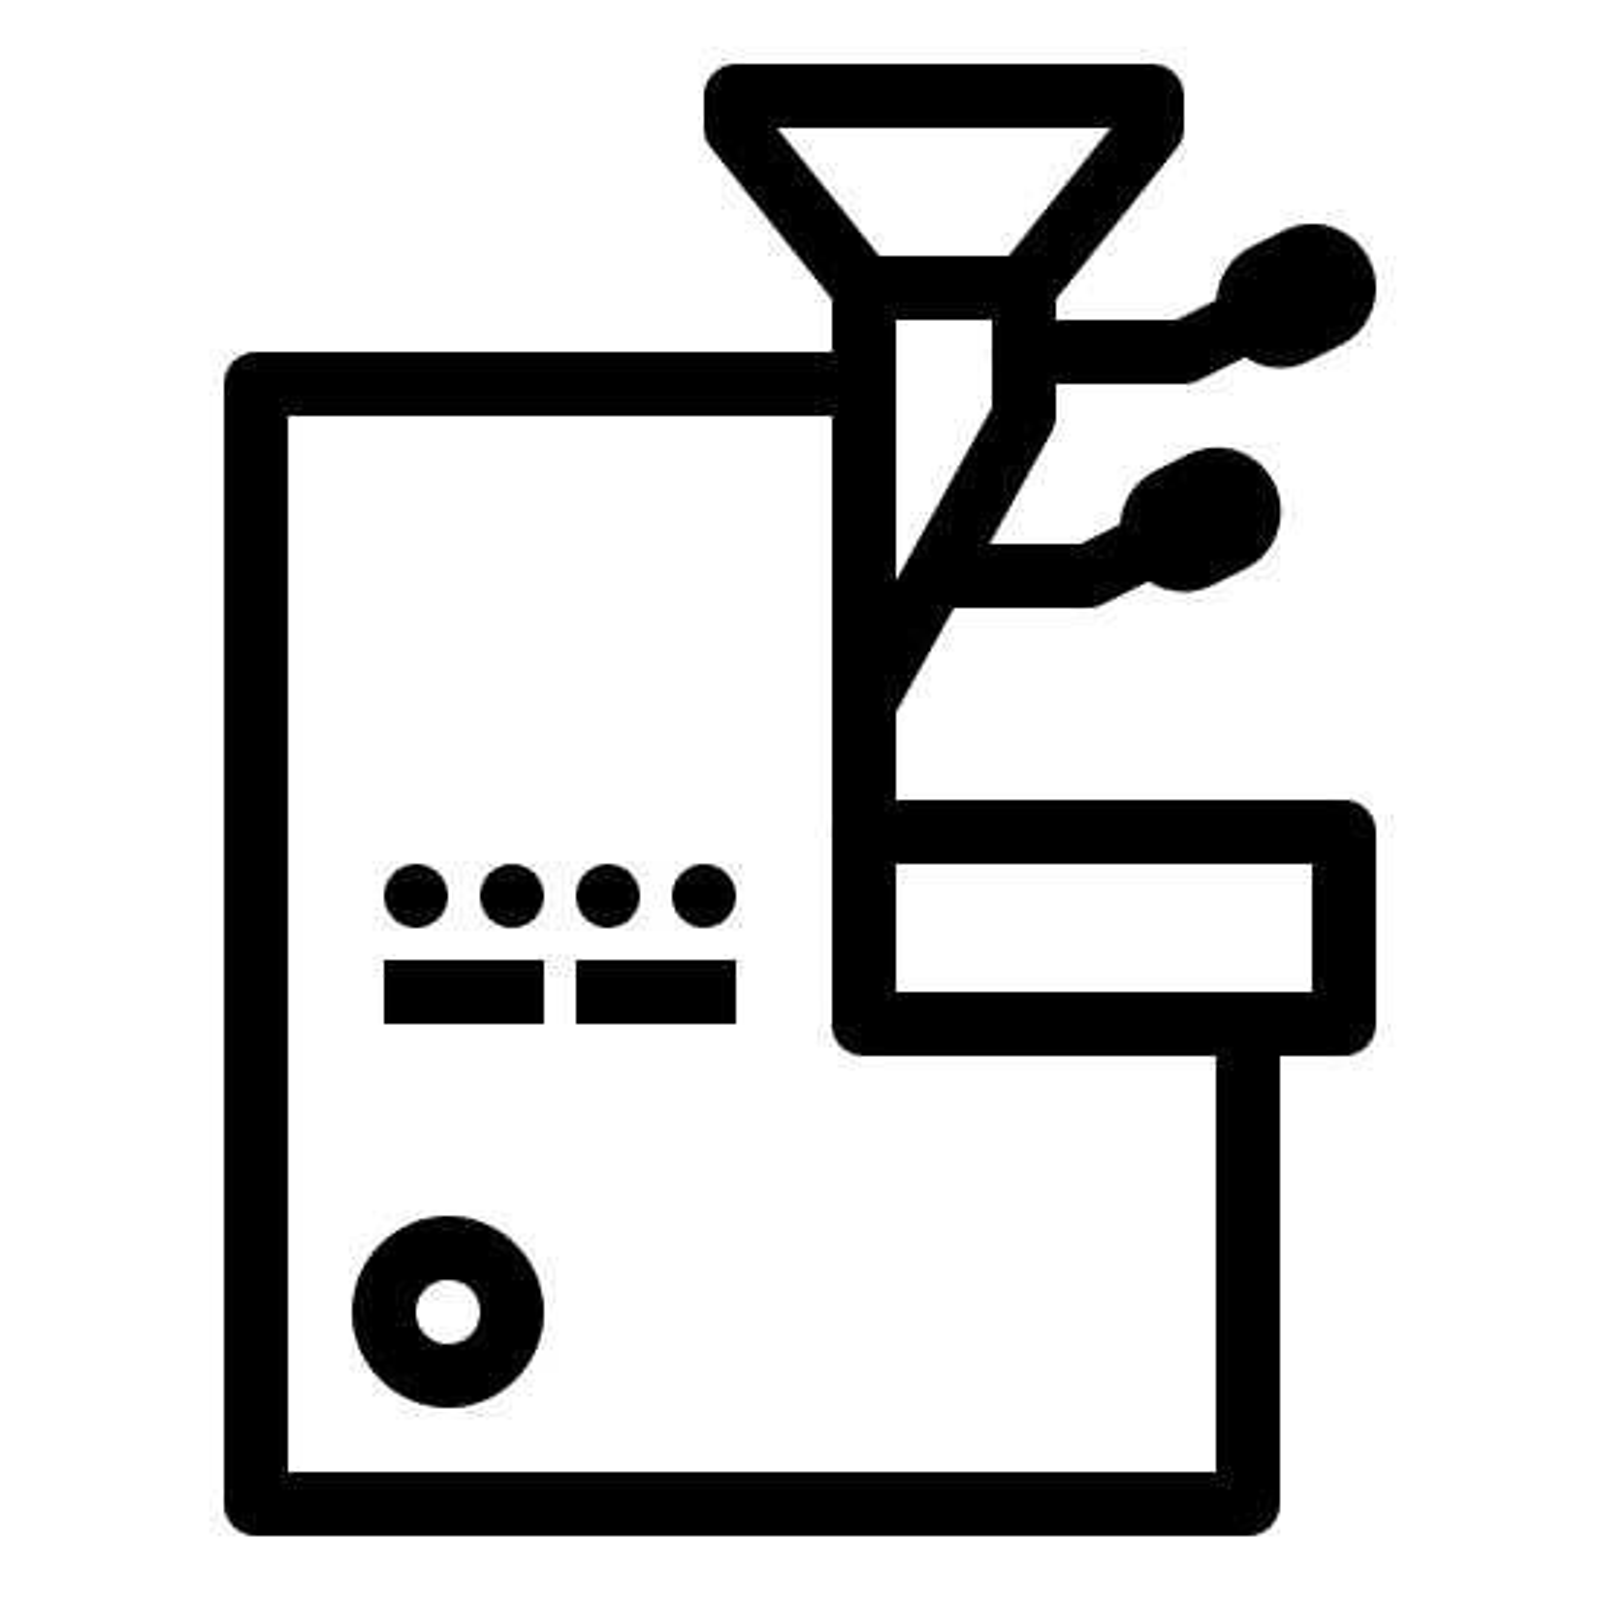 Rożen kawy icon